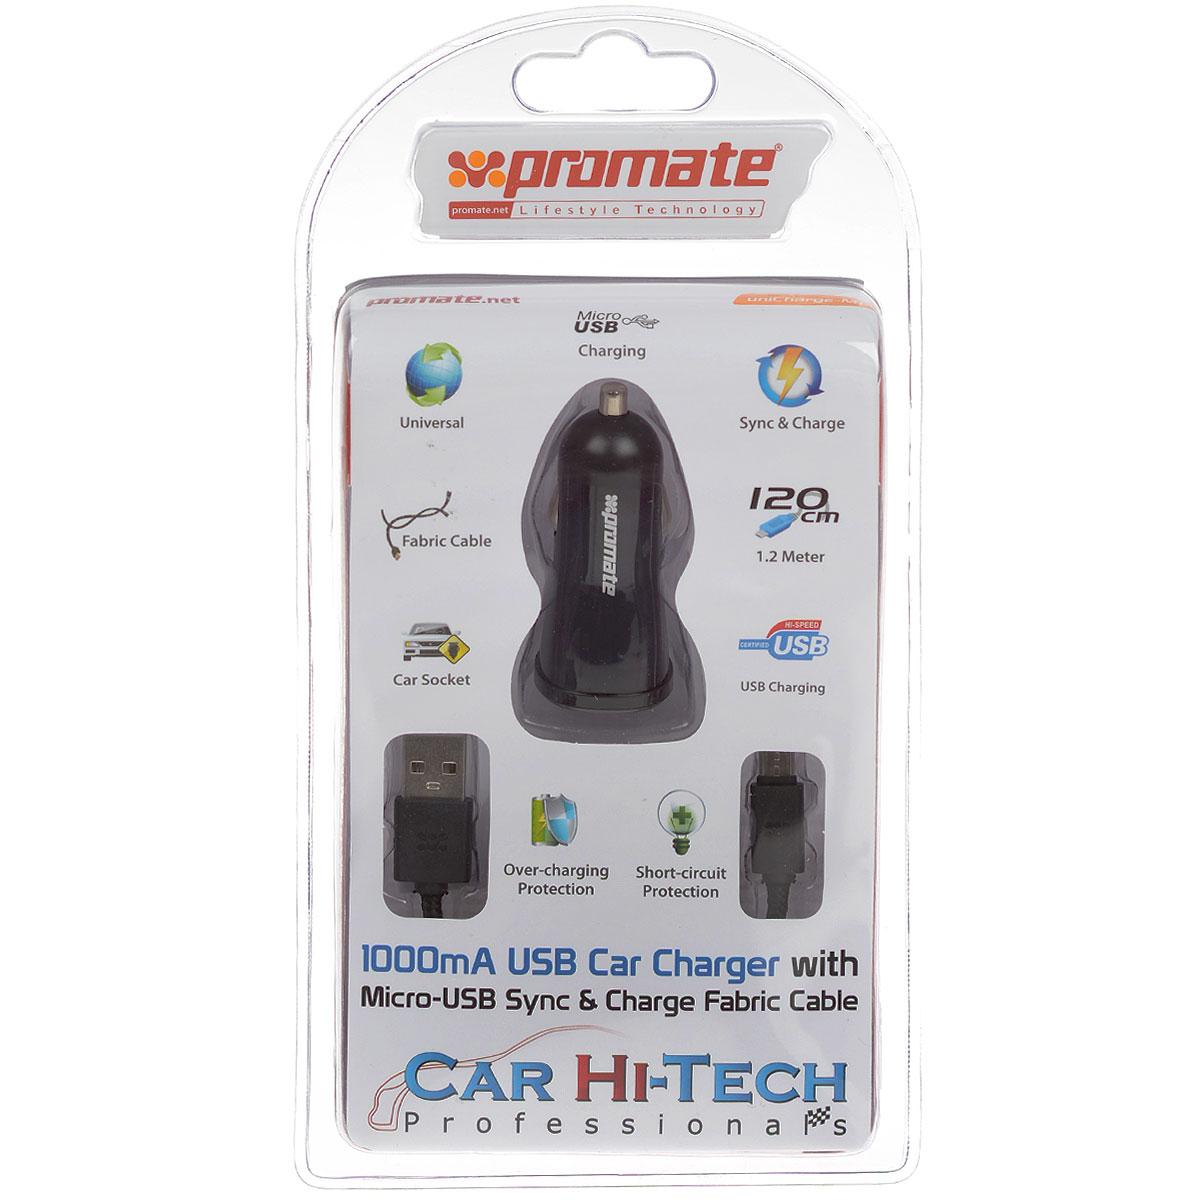 Устройство зарядное Promate uniCharge-M1, с кабелем00007504Promate uniCharge-M1 представляет собой комплект из зарядного устройства с 1А USB портом и кабеля с разъемом USB и Micro-USB на противоположных концах. Оплетка кабеля выполнена из ткани и обладает повышенной термостойкостью и износостойкостью. Promate uniCharge-M1 является универсальным зарядным устройством для всех USB заряжаемых устройств с портом Micro-USB в вашем автомобиле.Сила тока: 1000 мА.Длина кабеля: 1,2 м.